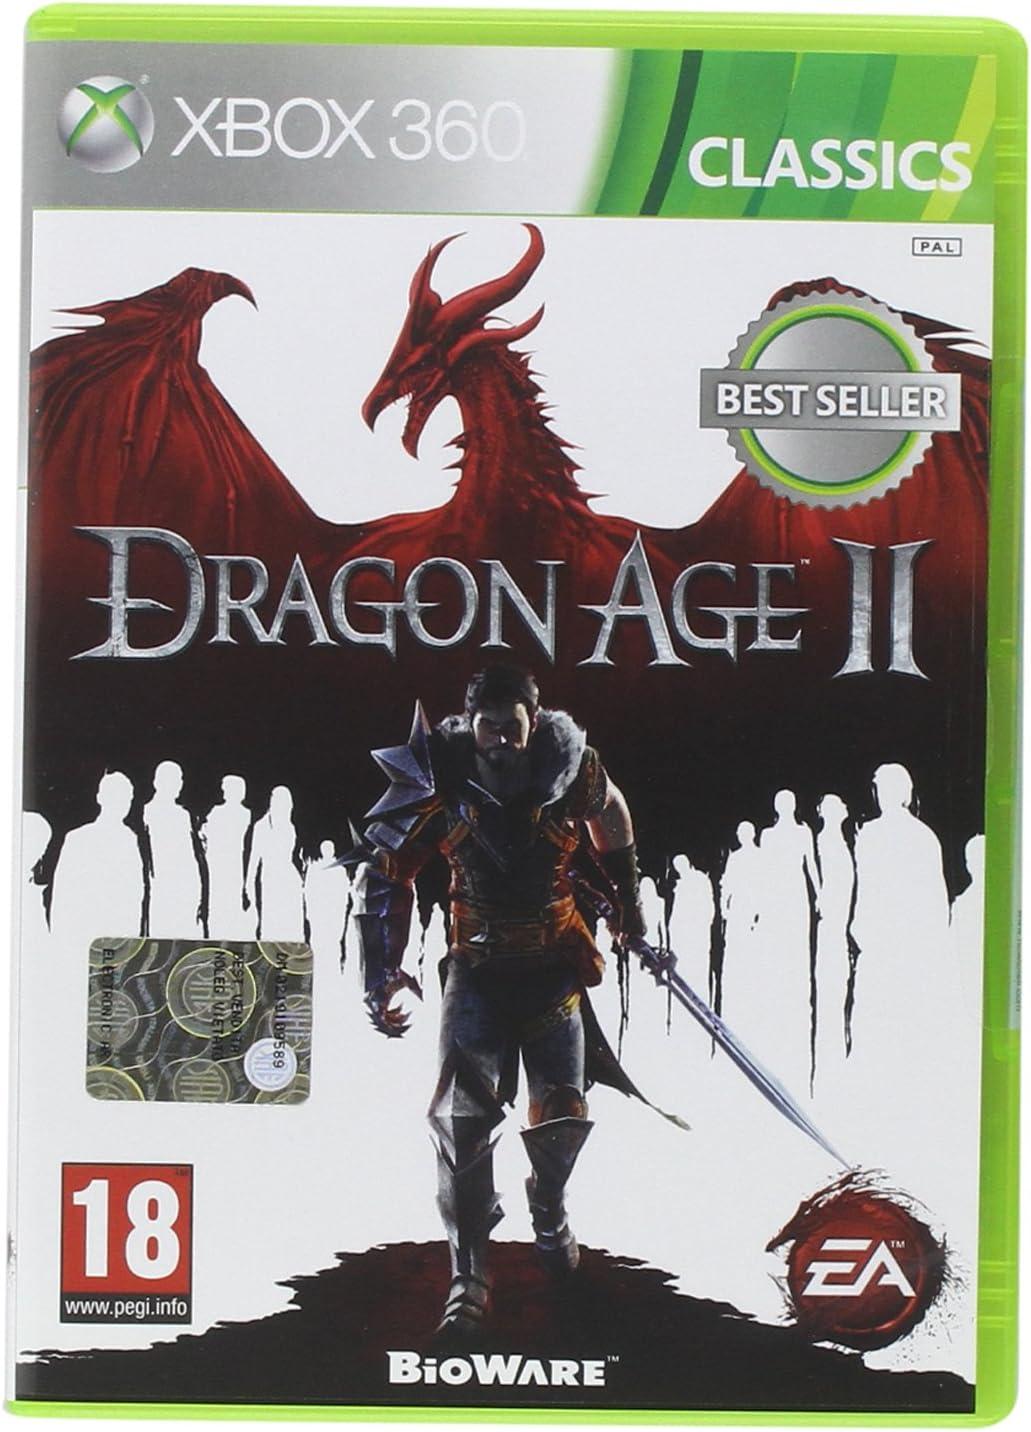 Electronic Arts Dragon Age 2, Xbox 360 - Juego (Xbox 360, Xbox 360, RPG (juego de rol), ITA): Amazon.es: Videojuegos